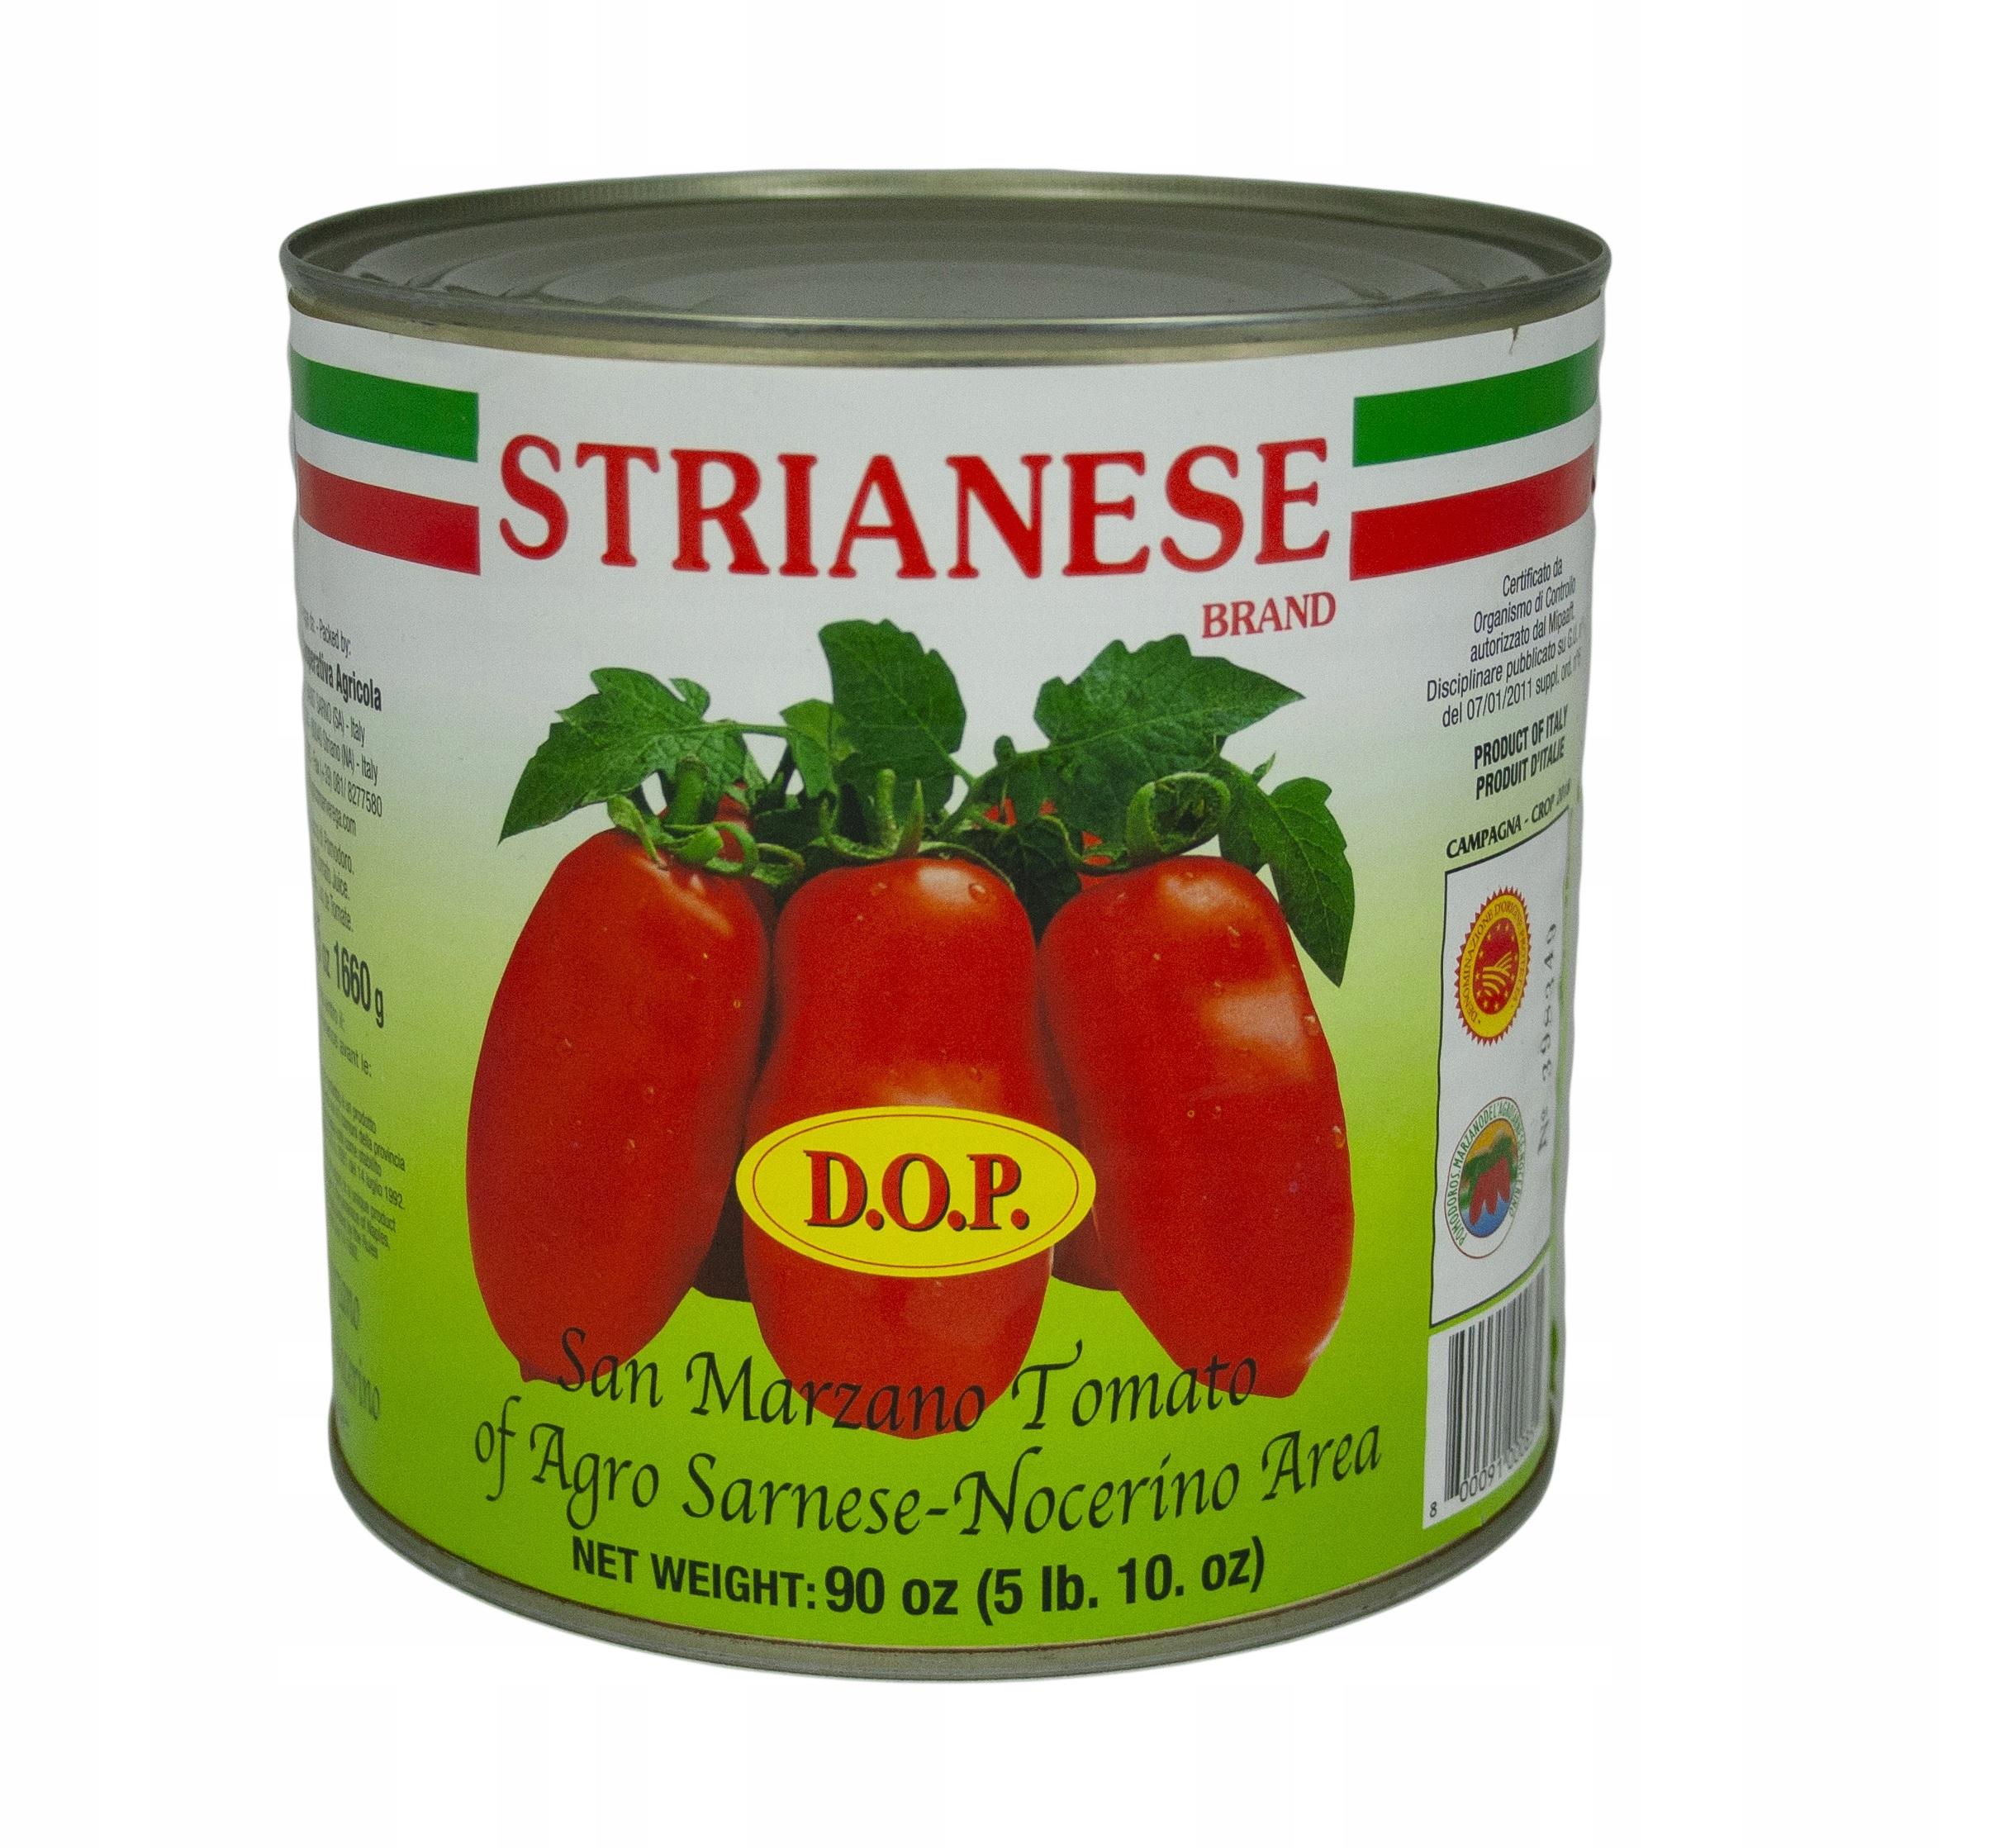 Włoskie Pomidory San Marzano całe 2,5 kg Strianese